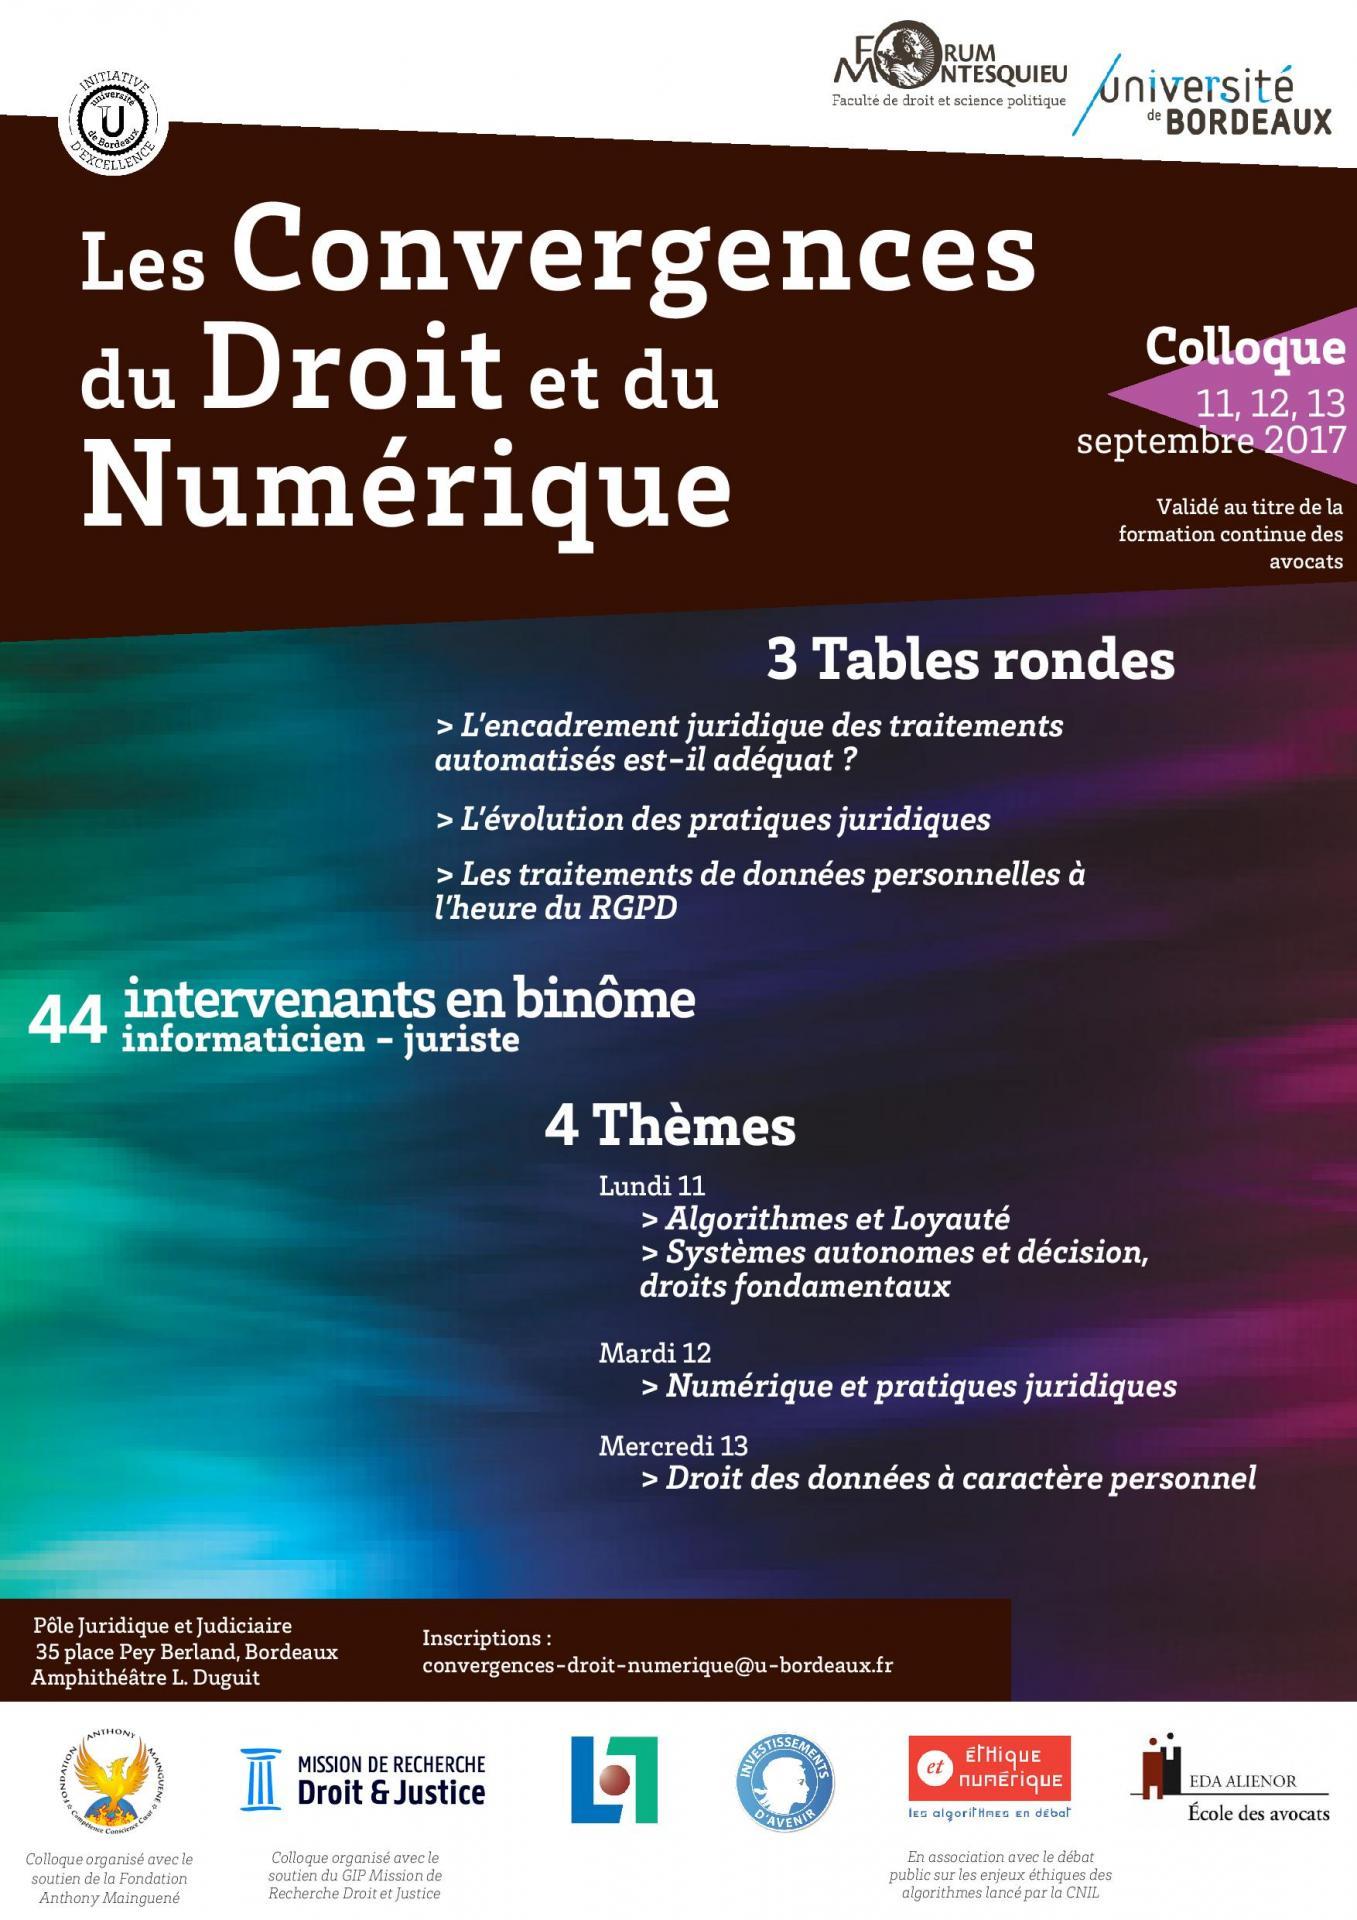 Affiche des convergences du droit et du numerique version web page 001